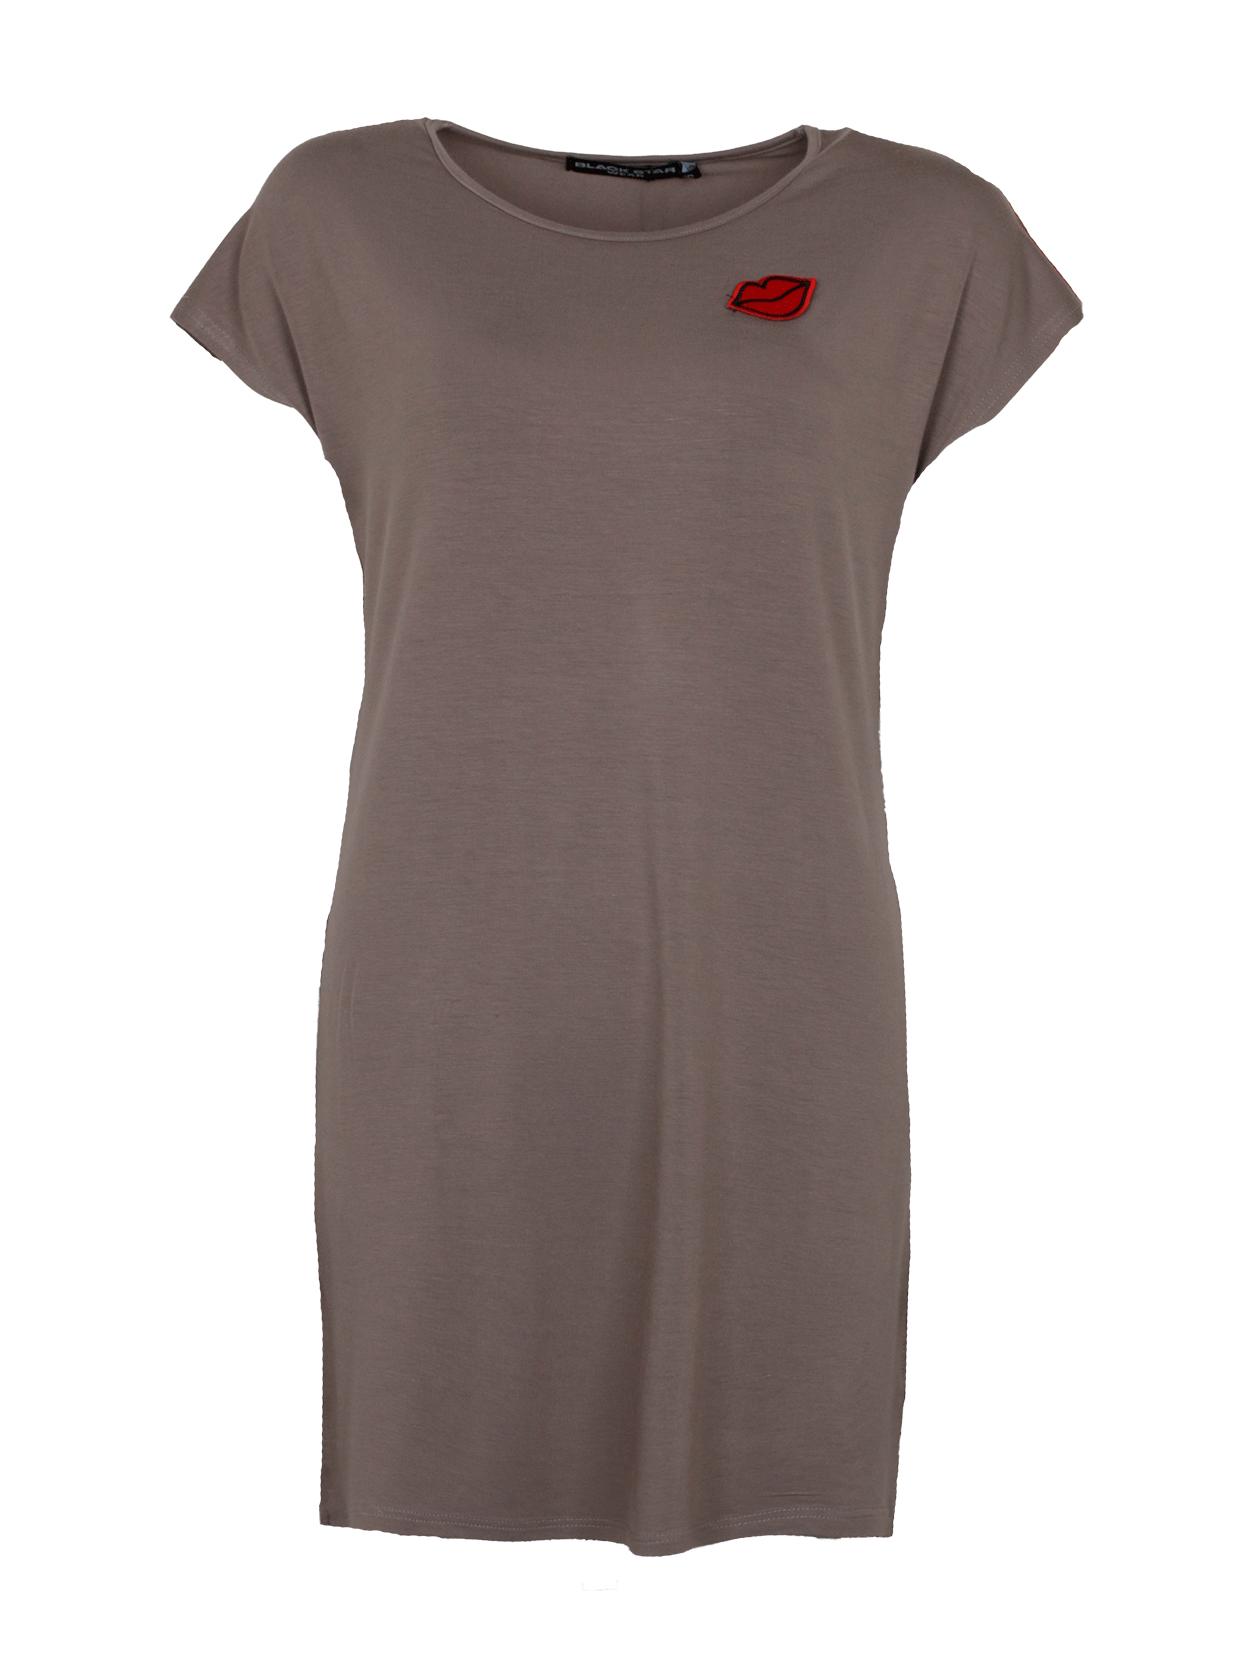 Туника женская MON AMOURУтонченная женская туникаMON AMOUR из новой коллекции Black Star Wear. Модель свободного прямого кроя с округлой эластичной горловиной и заниженной линией плеча, которая создает свободный короткий рукав. Не броский, но в тоже время очень стильный дизайн дополняет небольшая нашивка на груди в виде ярких красных губ. Внутри фирменная нашивка с логотипом Black Star Wear. Изделие выполнено из высококачественного 100% хлопка, что обеспечит при носке неповторимый комфорт. Модель представлена в двух цветах: классическом белом и хаки.<br><br>Размер: M<br>Цвет: Хаки<br>Пол: Женский